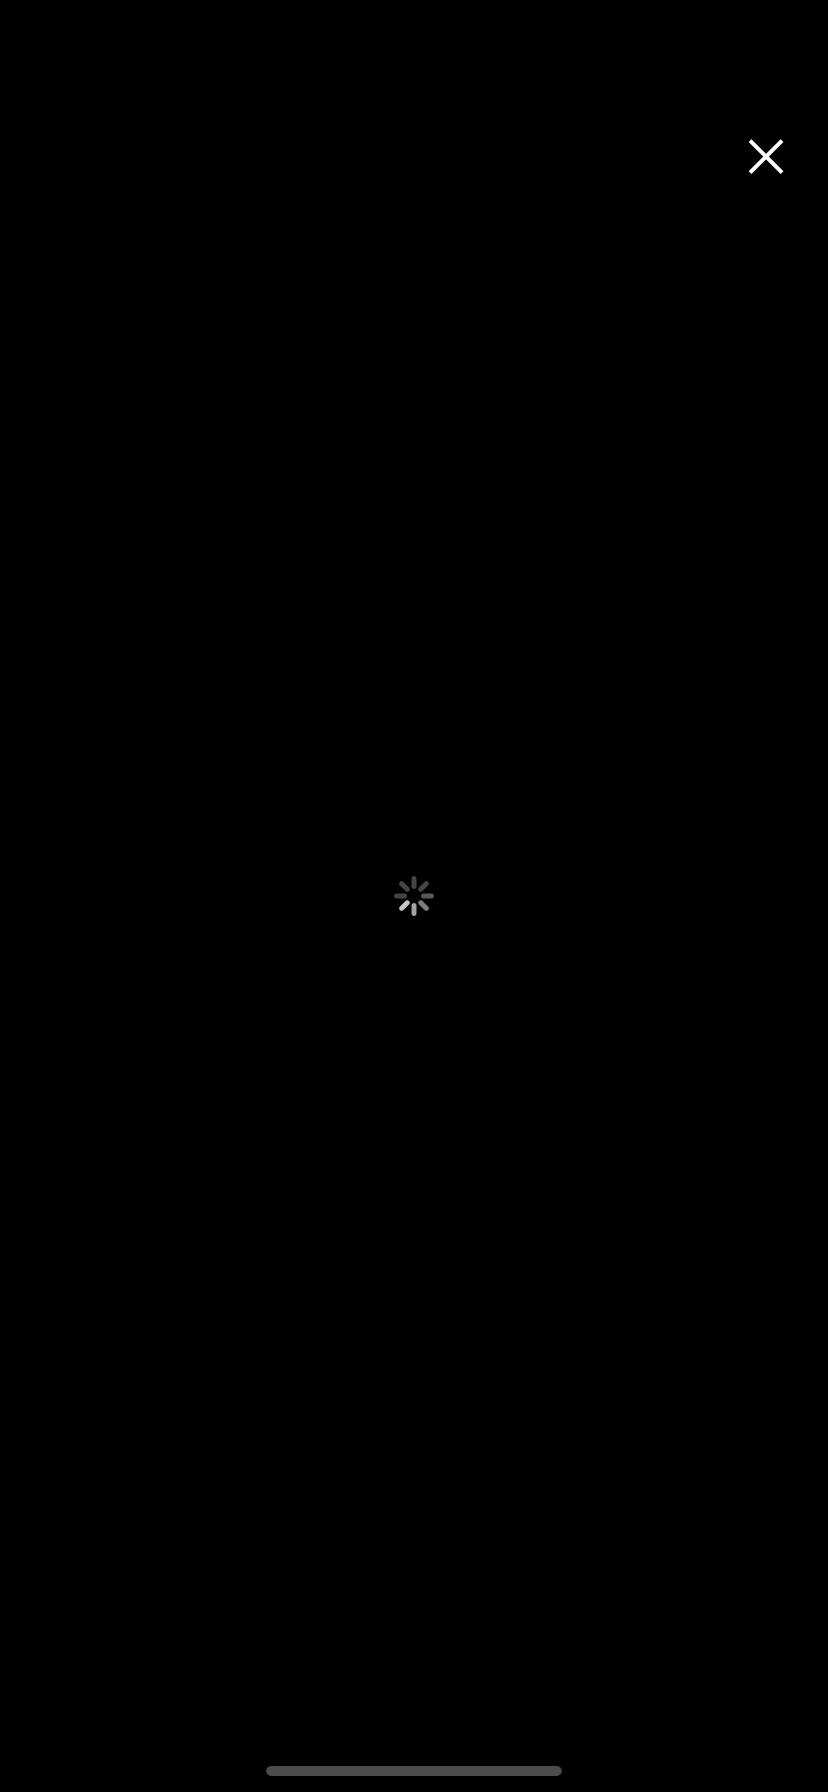 Simulator Screen Shot - iPhone 11 - 2020-10-23 at 14 17 33